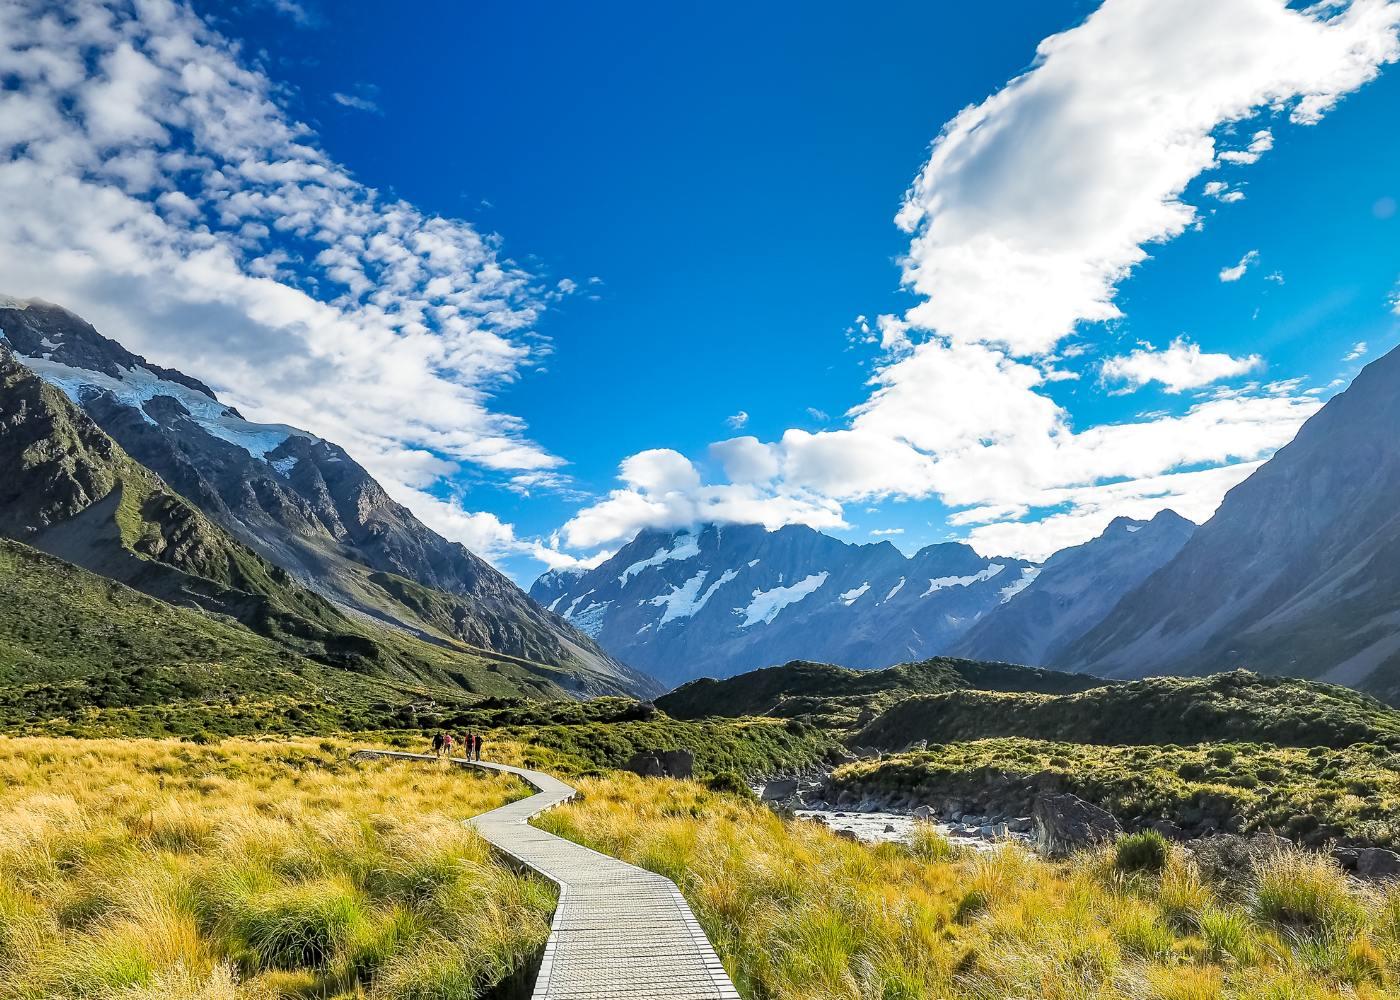 Paisagem montanhosa na Nova Zelândia